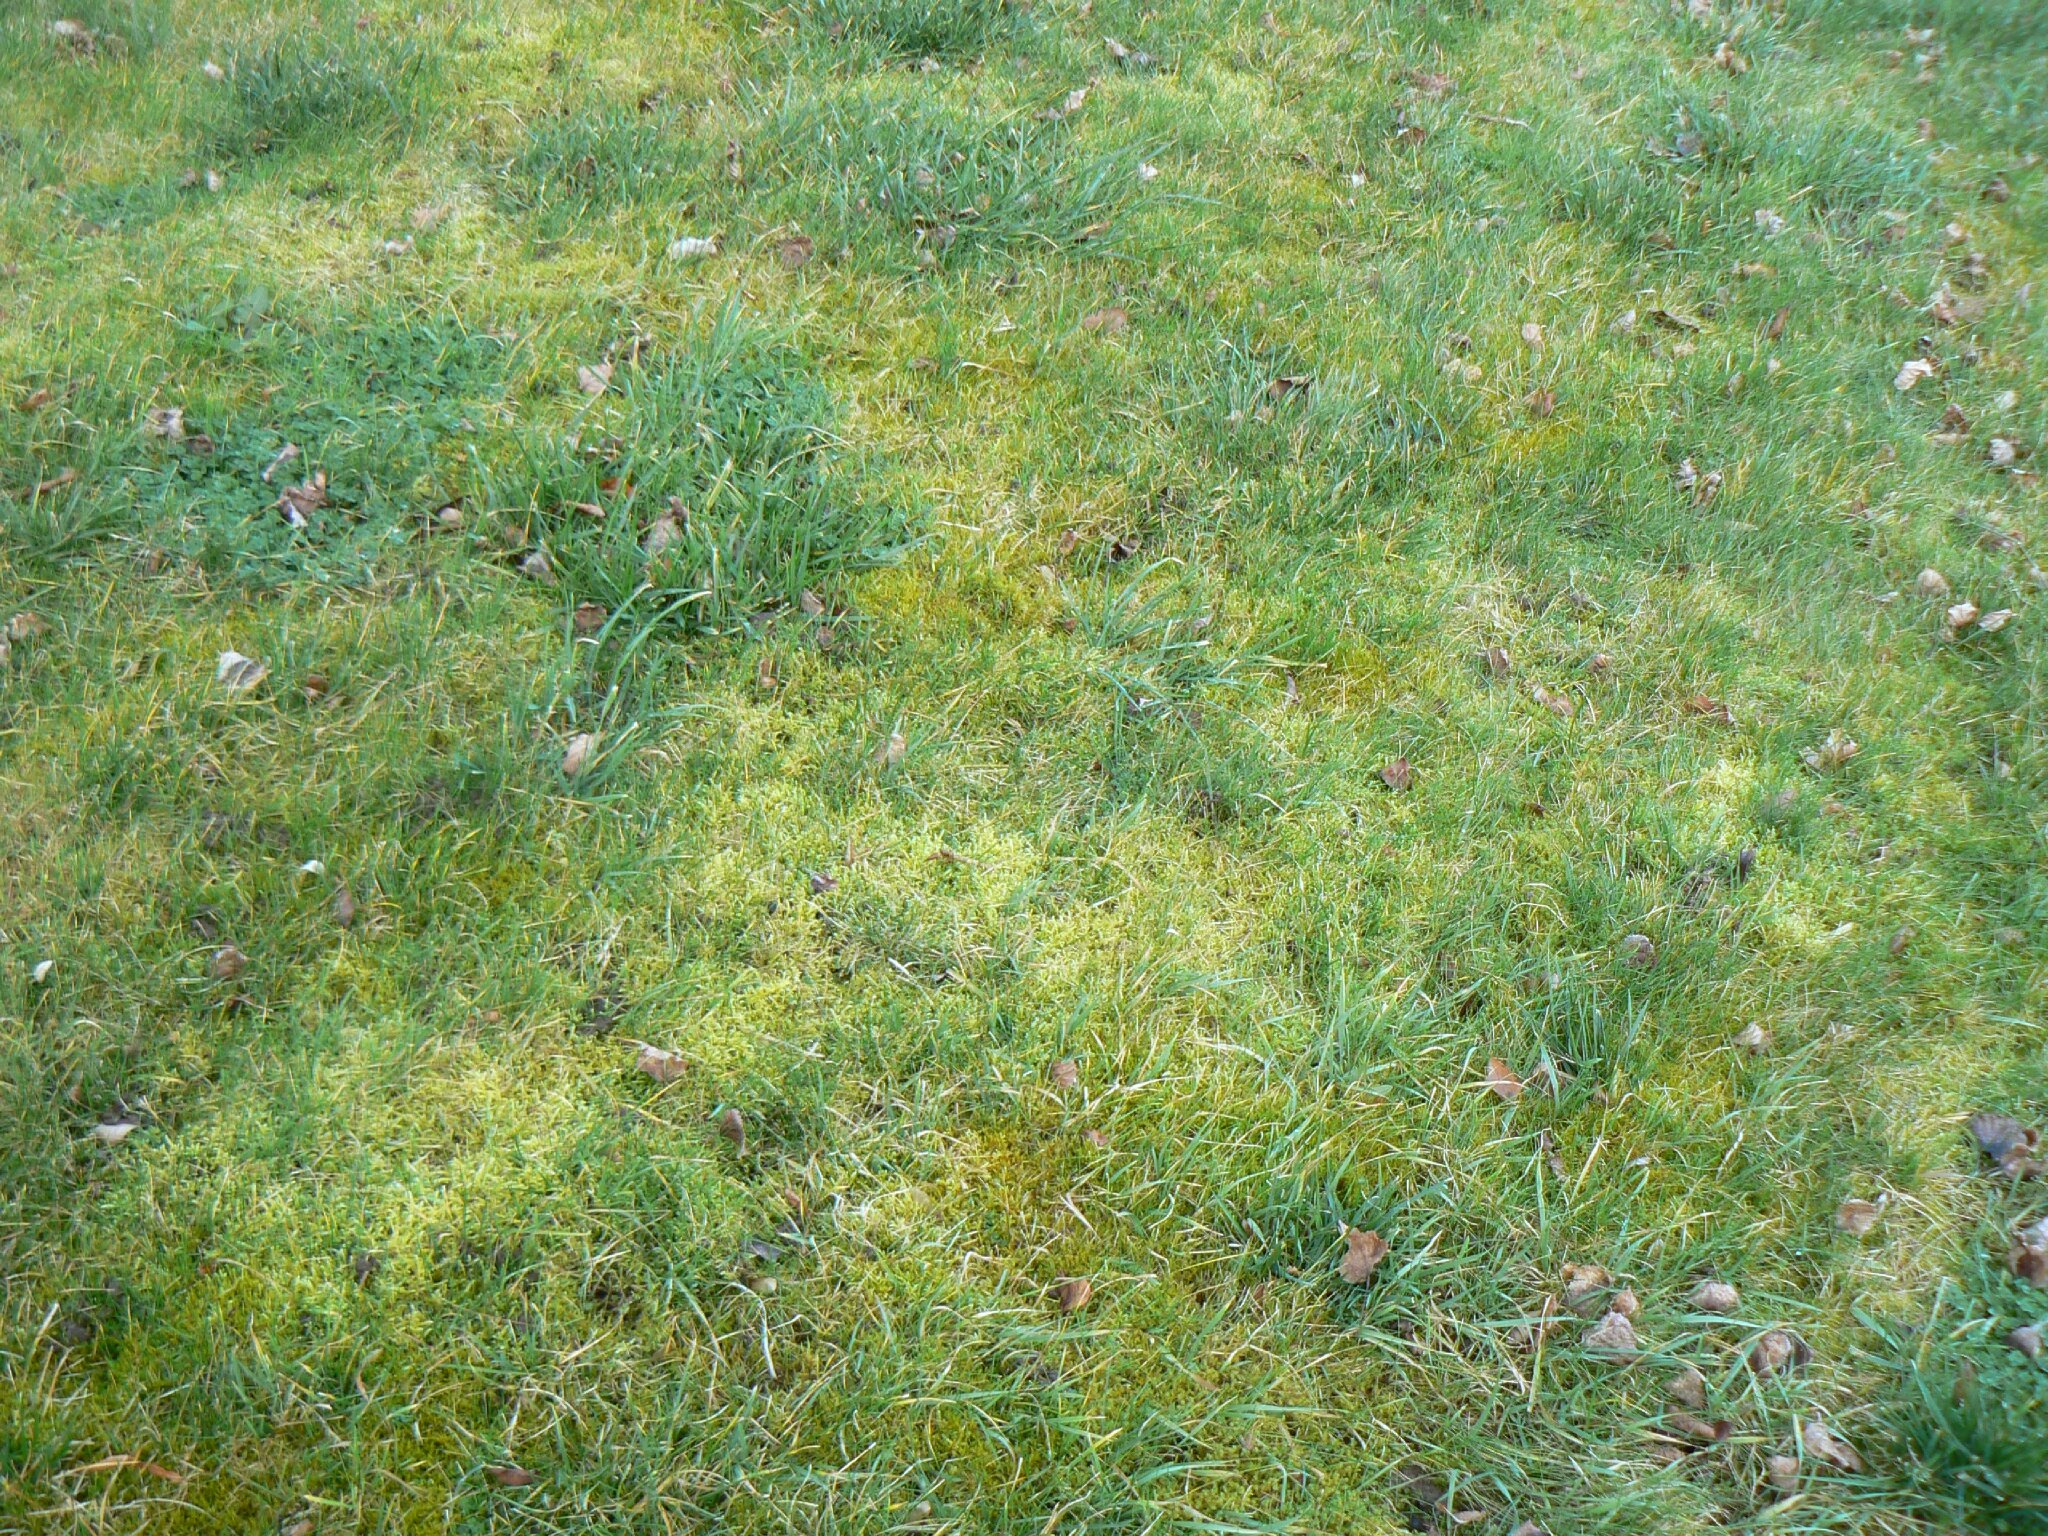 Ca y est a pousse jardin de lys for Supprimer la mousse de la pelouse